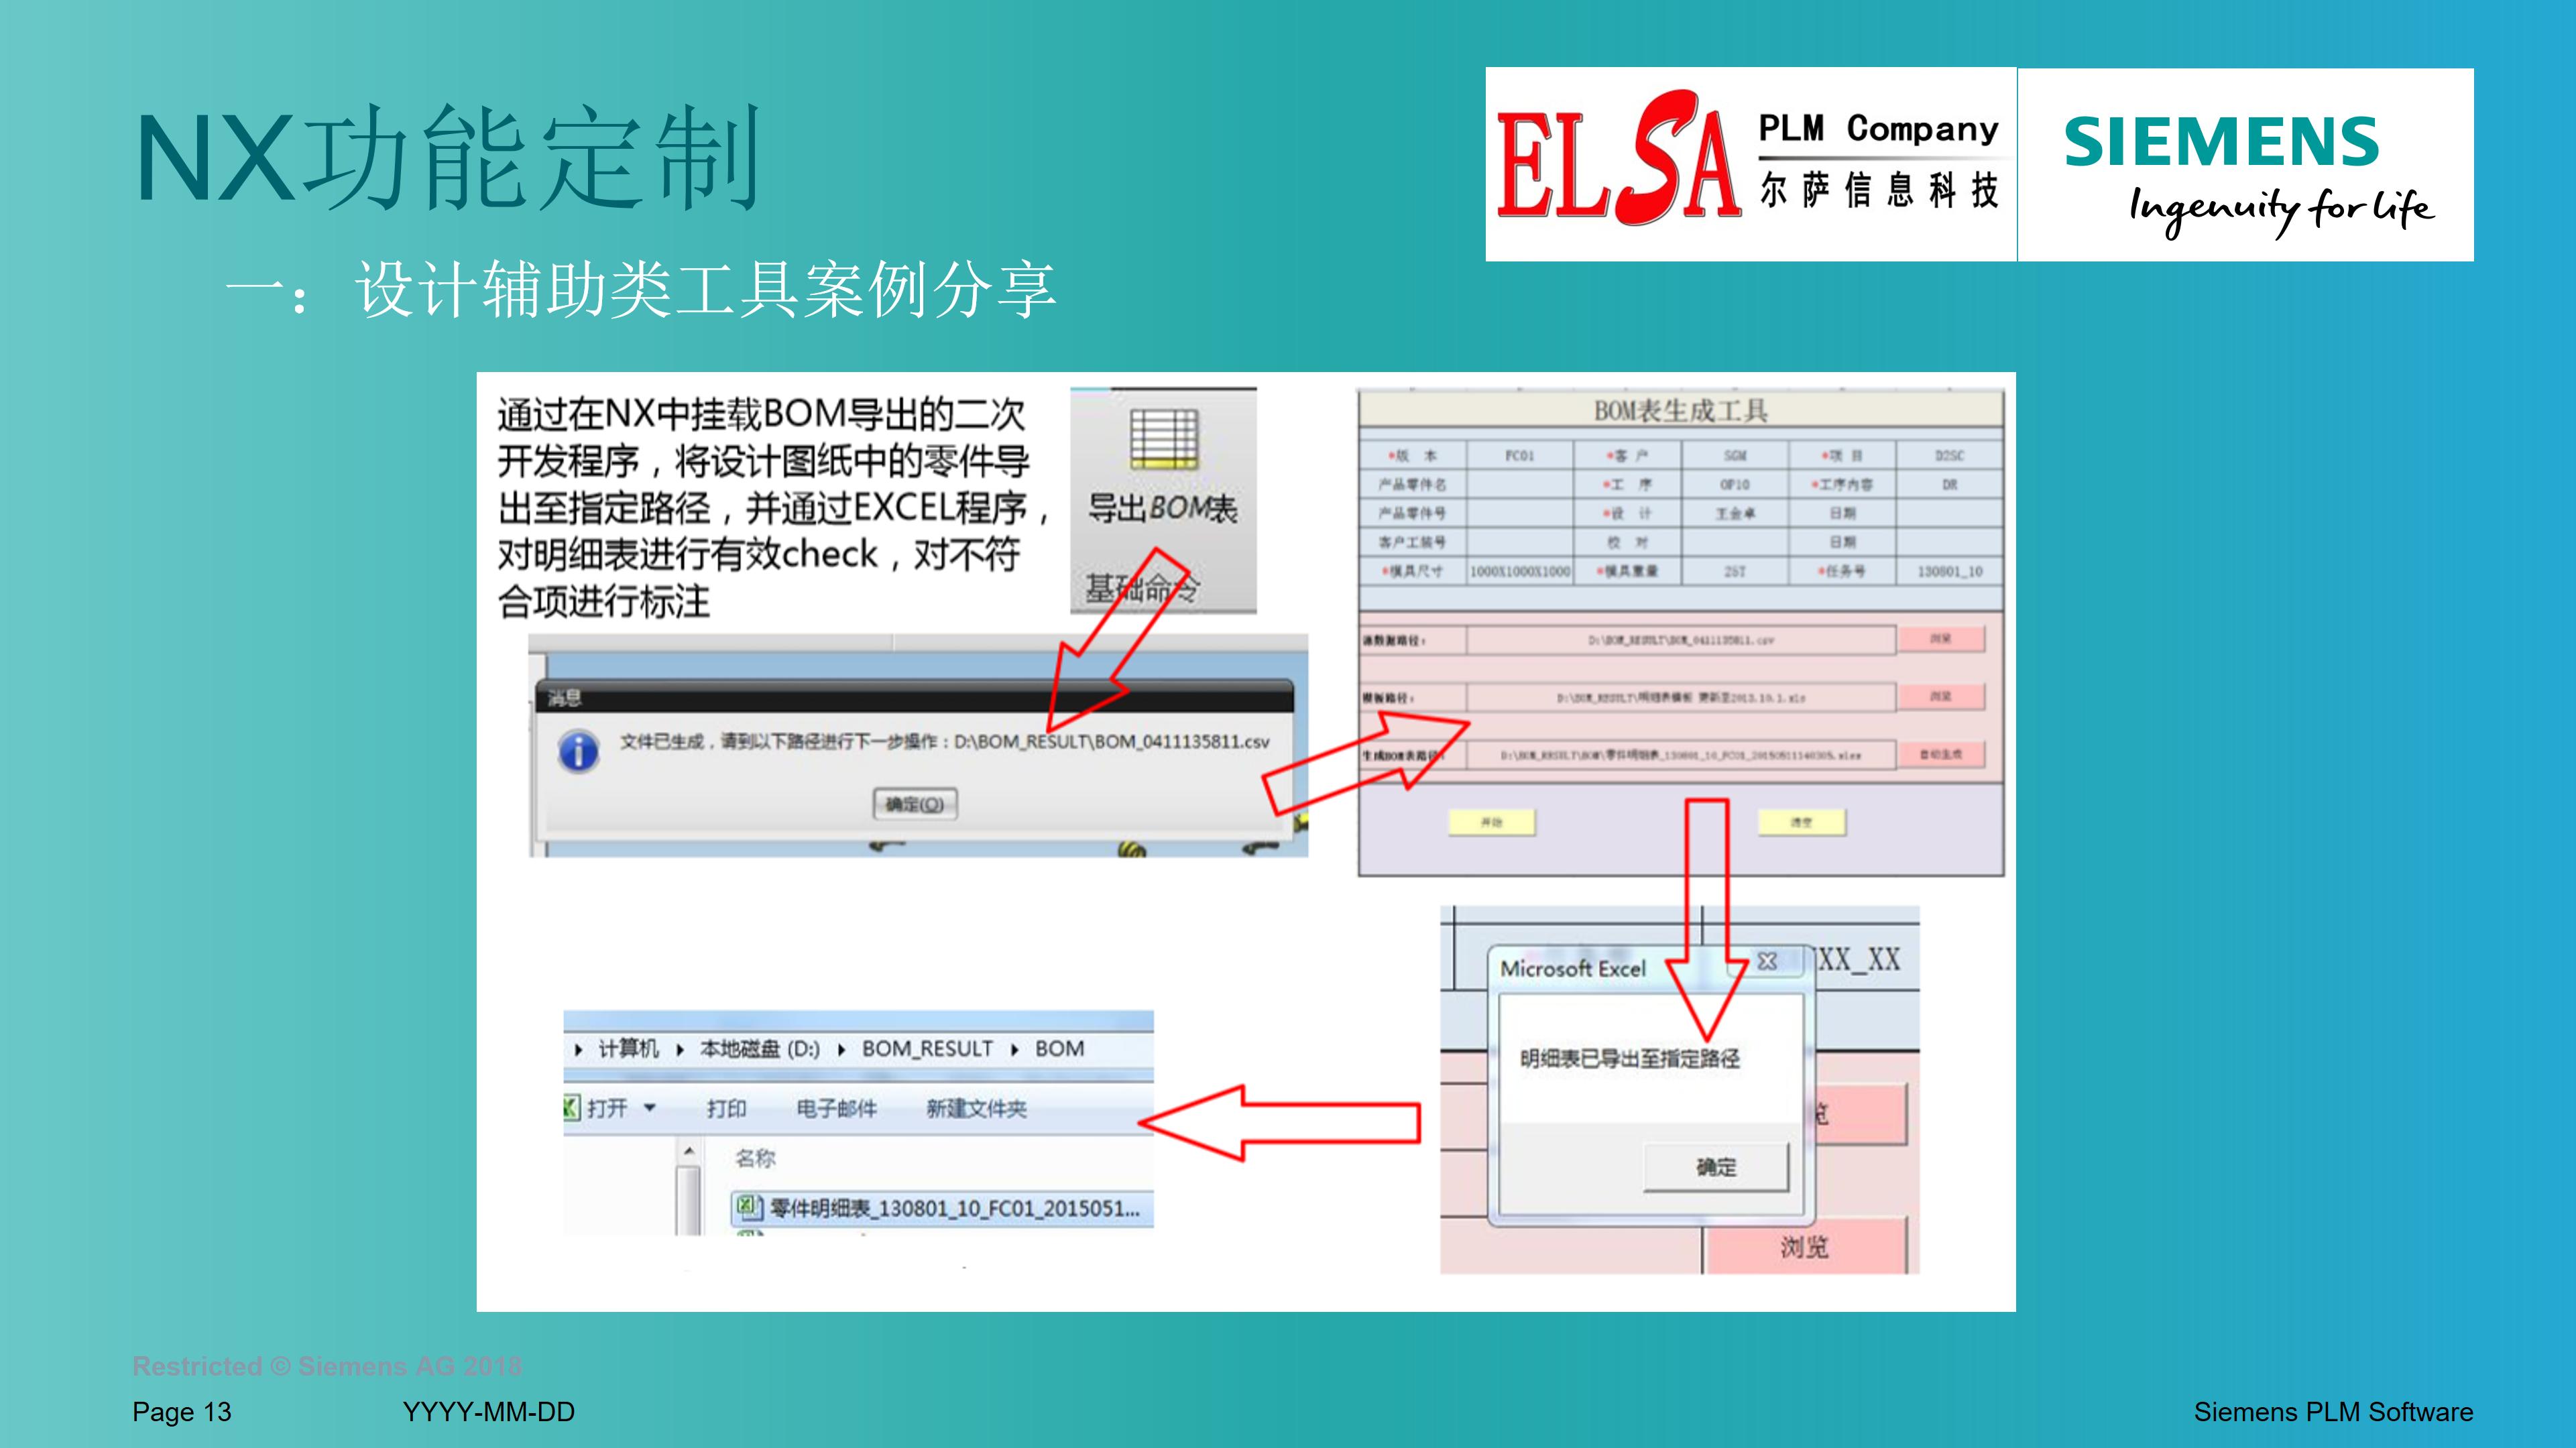 上海尔萨信息科技有限公司-技术业务介绍-上海尔萨信息科技有限公司-技术业务介绍_13